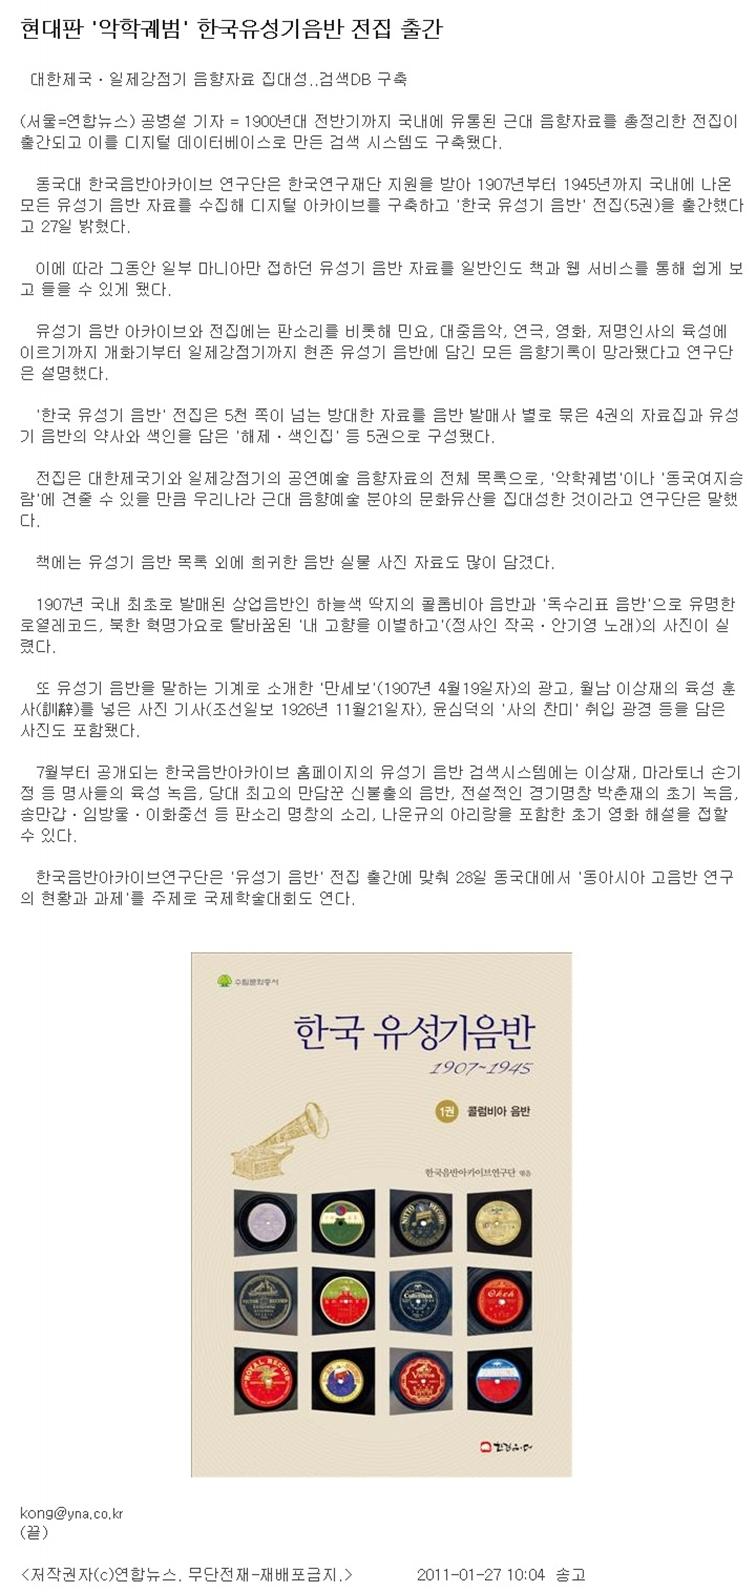 2011-01-27-연합뉴스-현대판 악학궤범 한국유성기음반 전집 출간.jpg